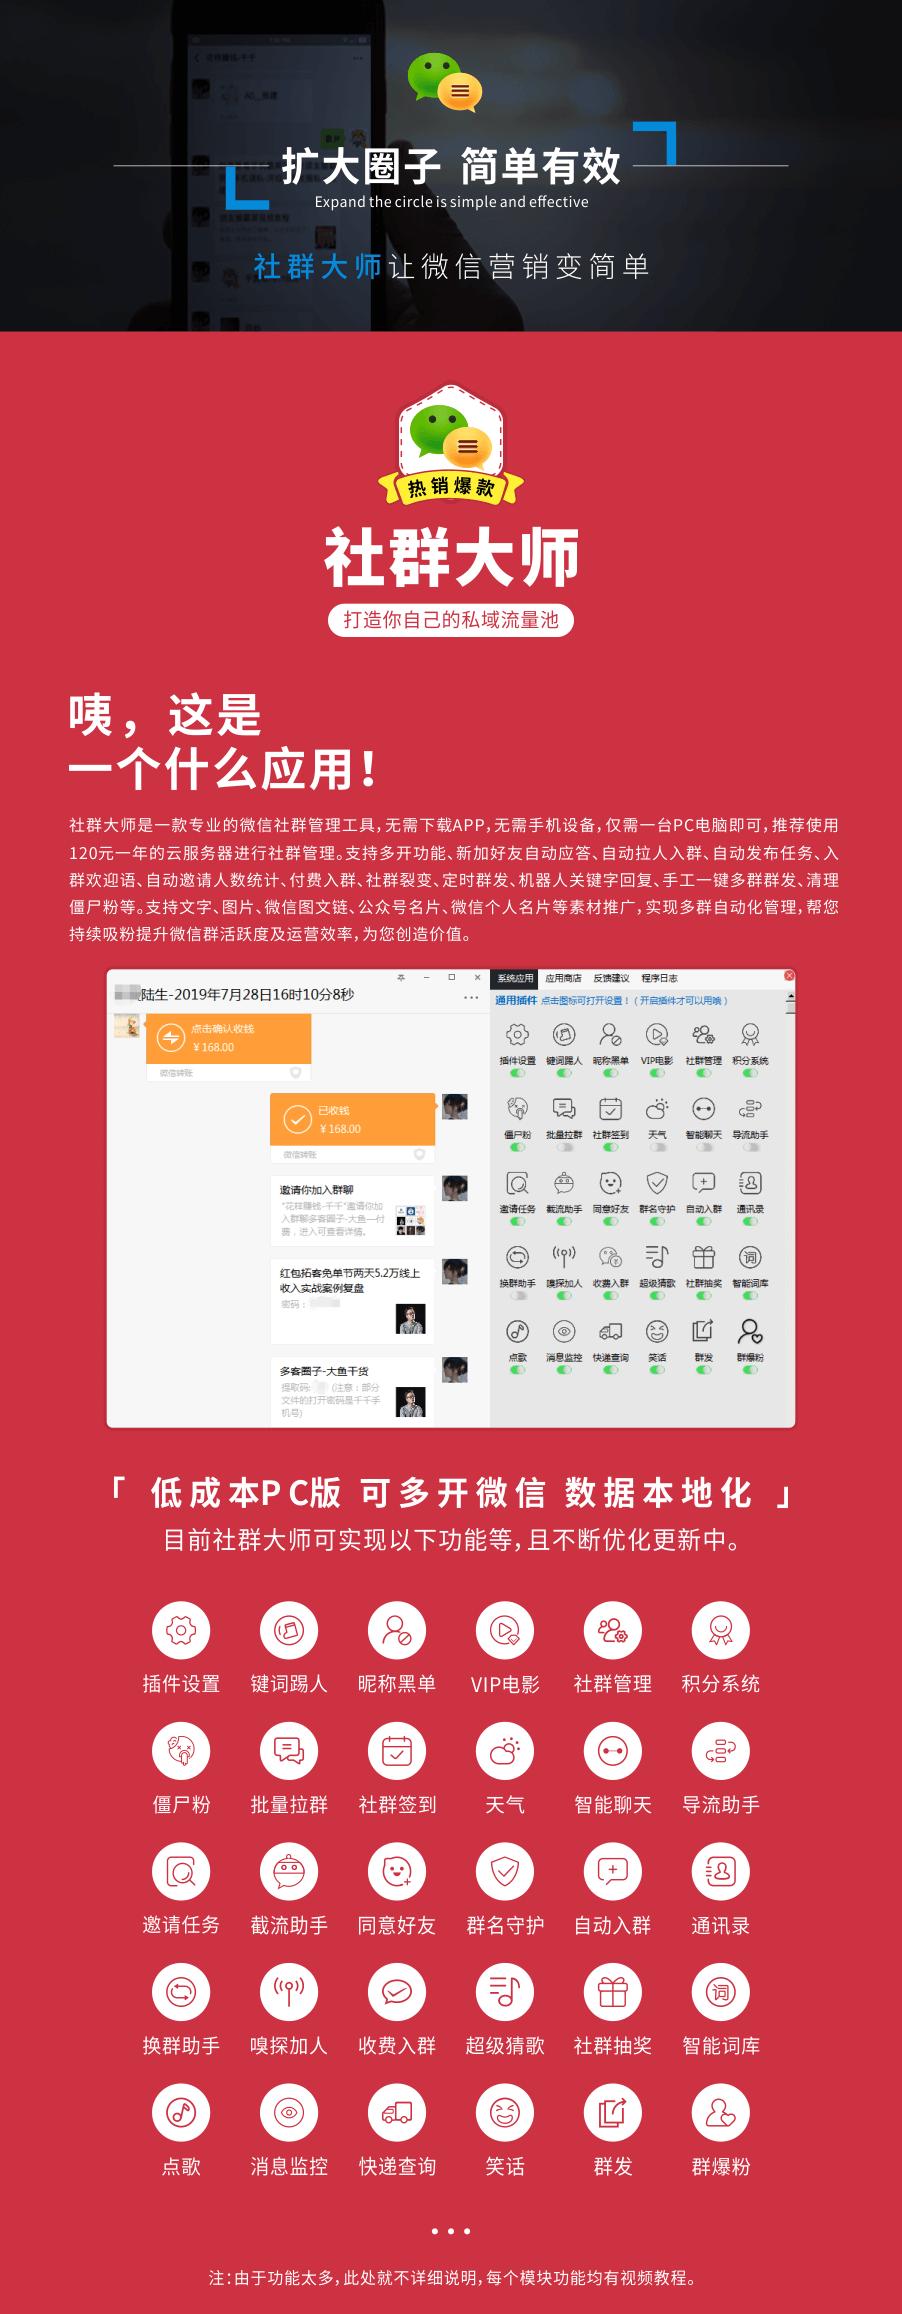 社群大师产品海报_01.png